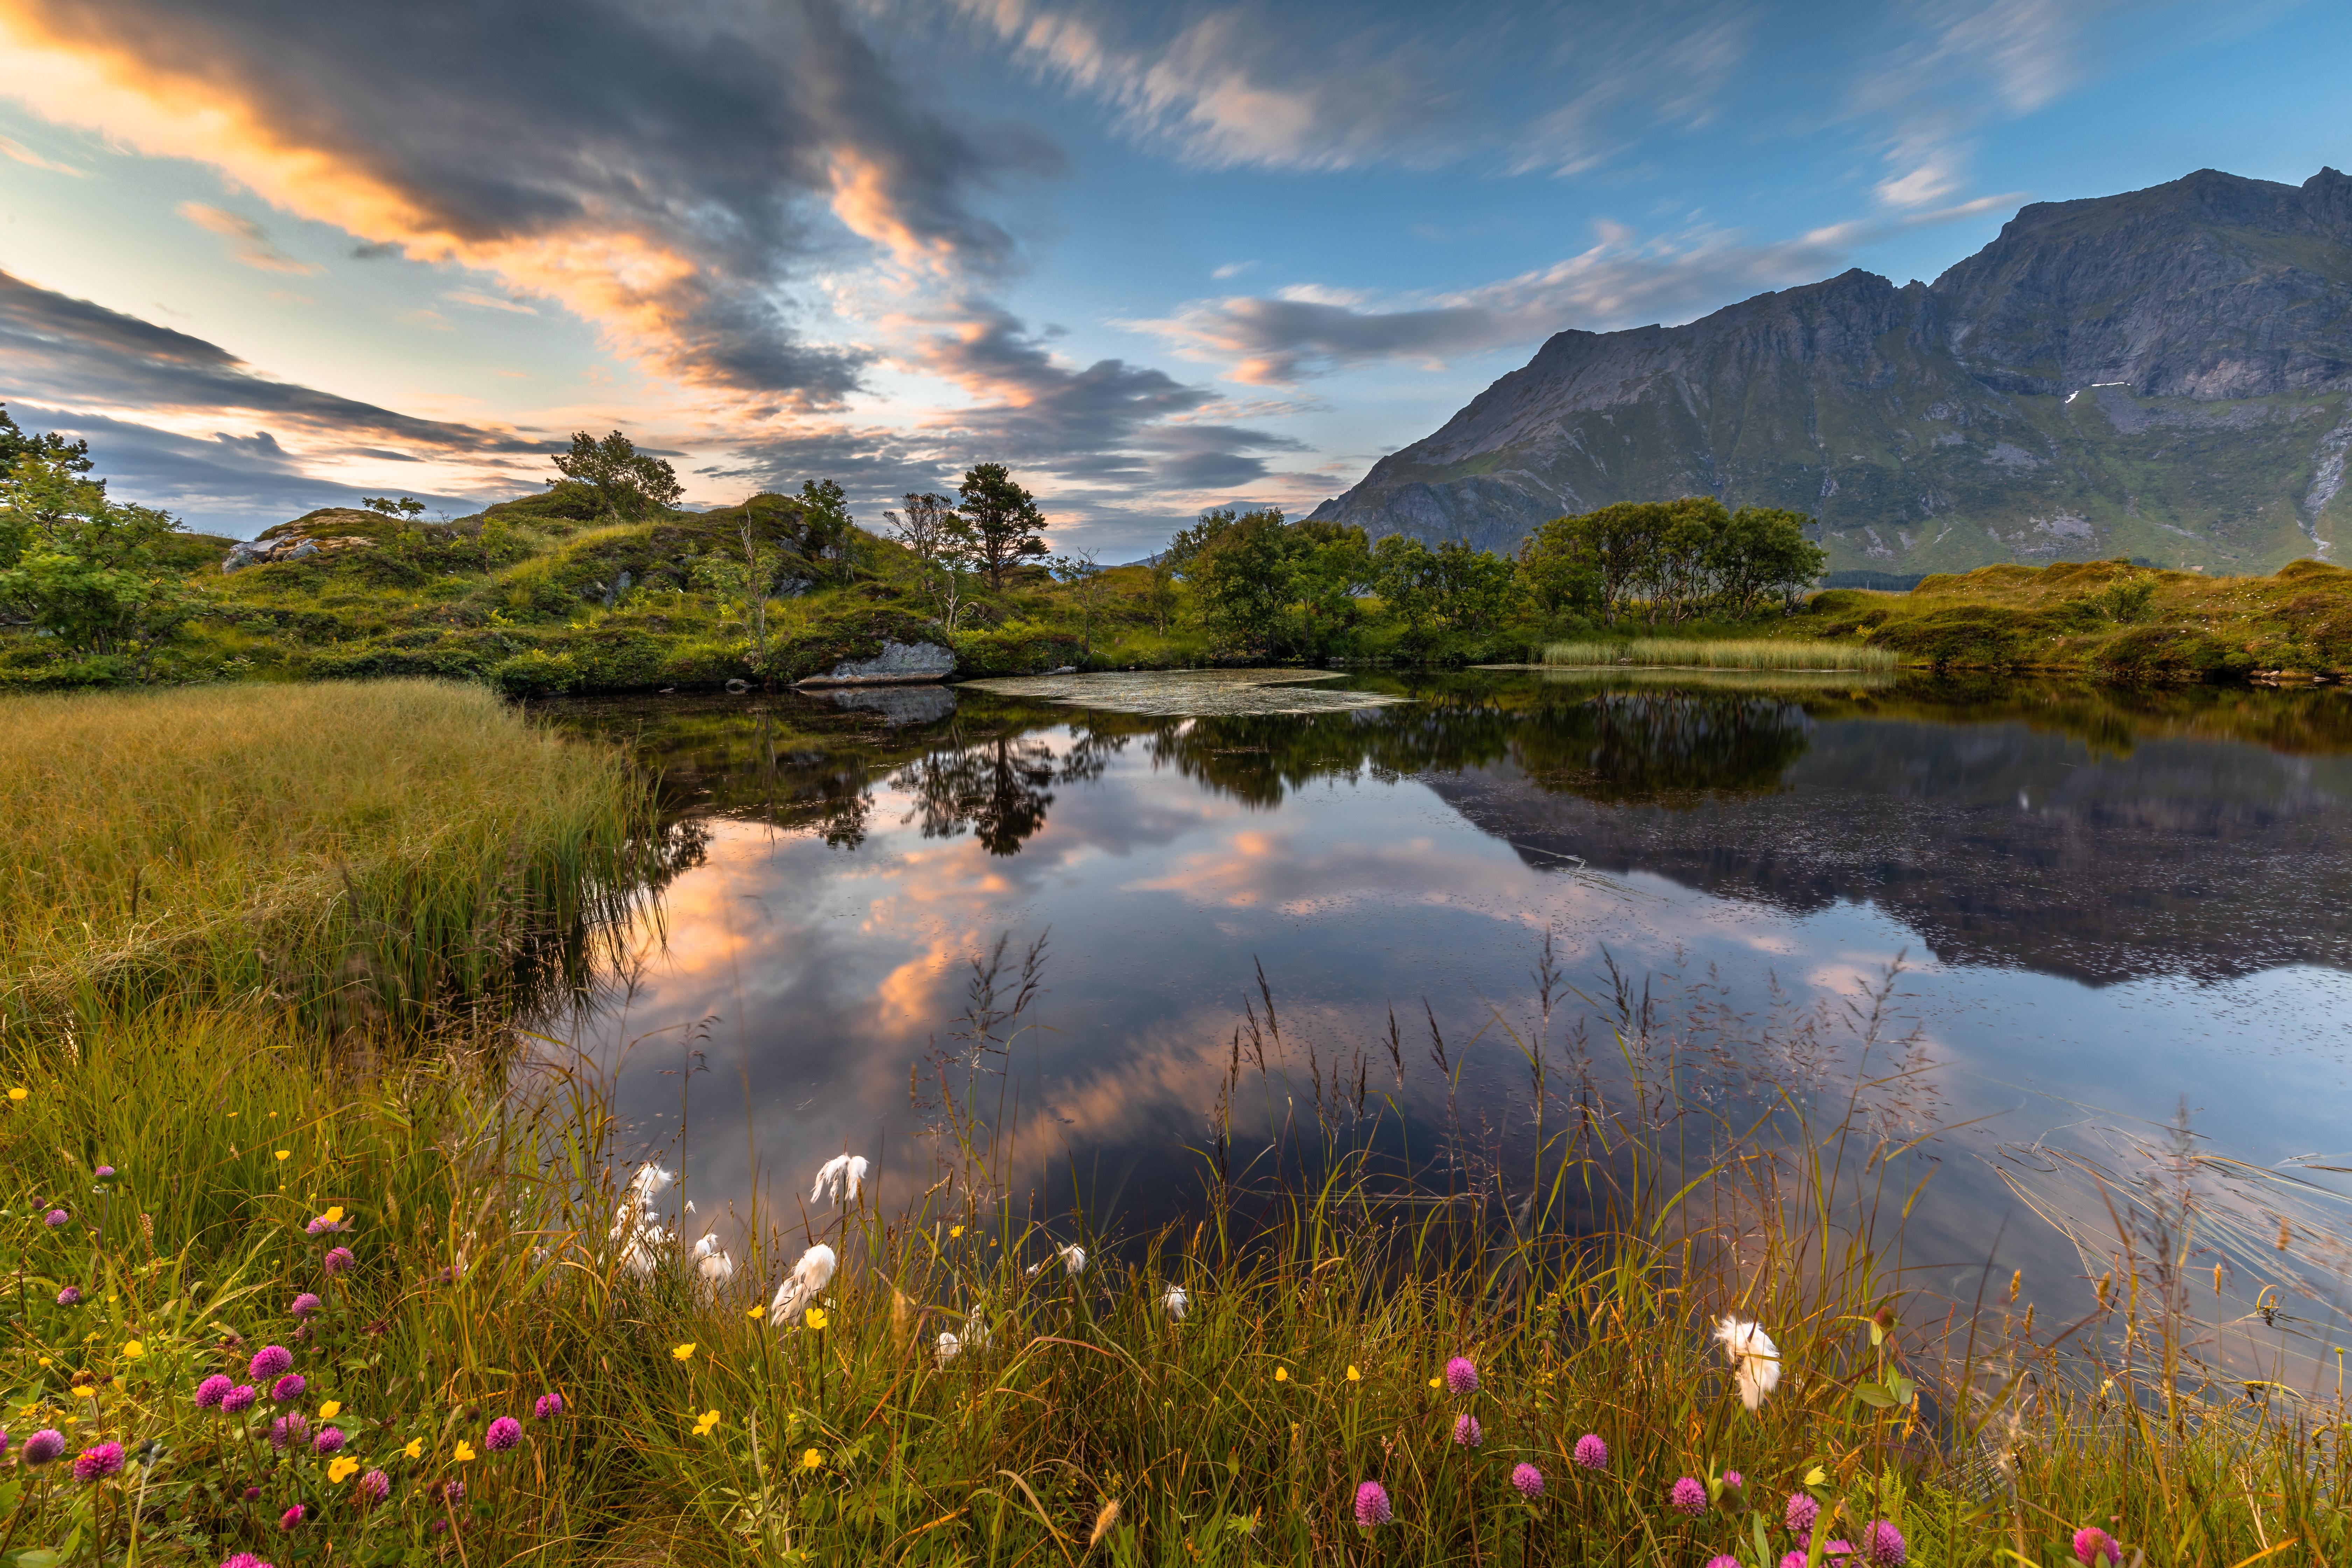 122321 Hintergrundbild herunterladen Landschaft, Natur, Grass, Mountains, See, Ufer, Bank - Bildschirmschoner und Bilder kostenlos